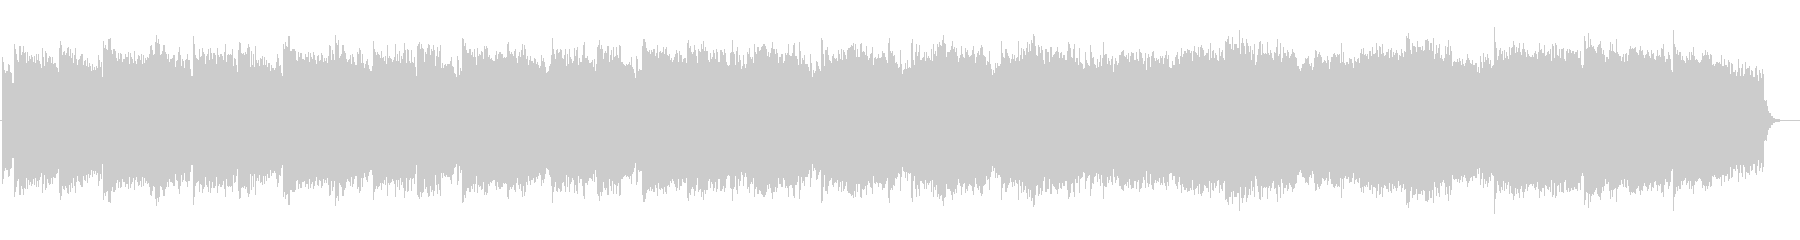 ピアノとストリングスの穏やかなBGMの未再生の波形